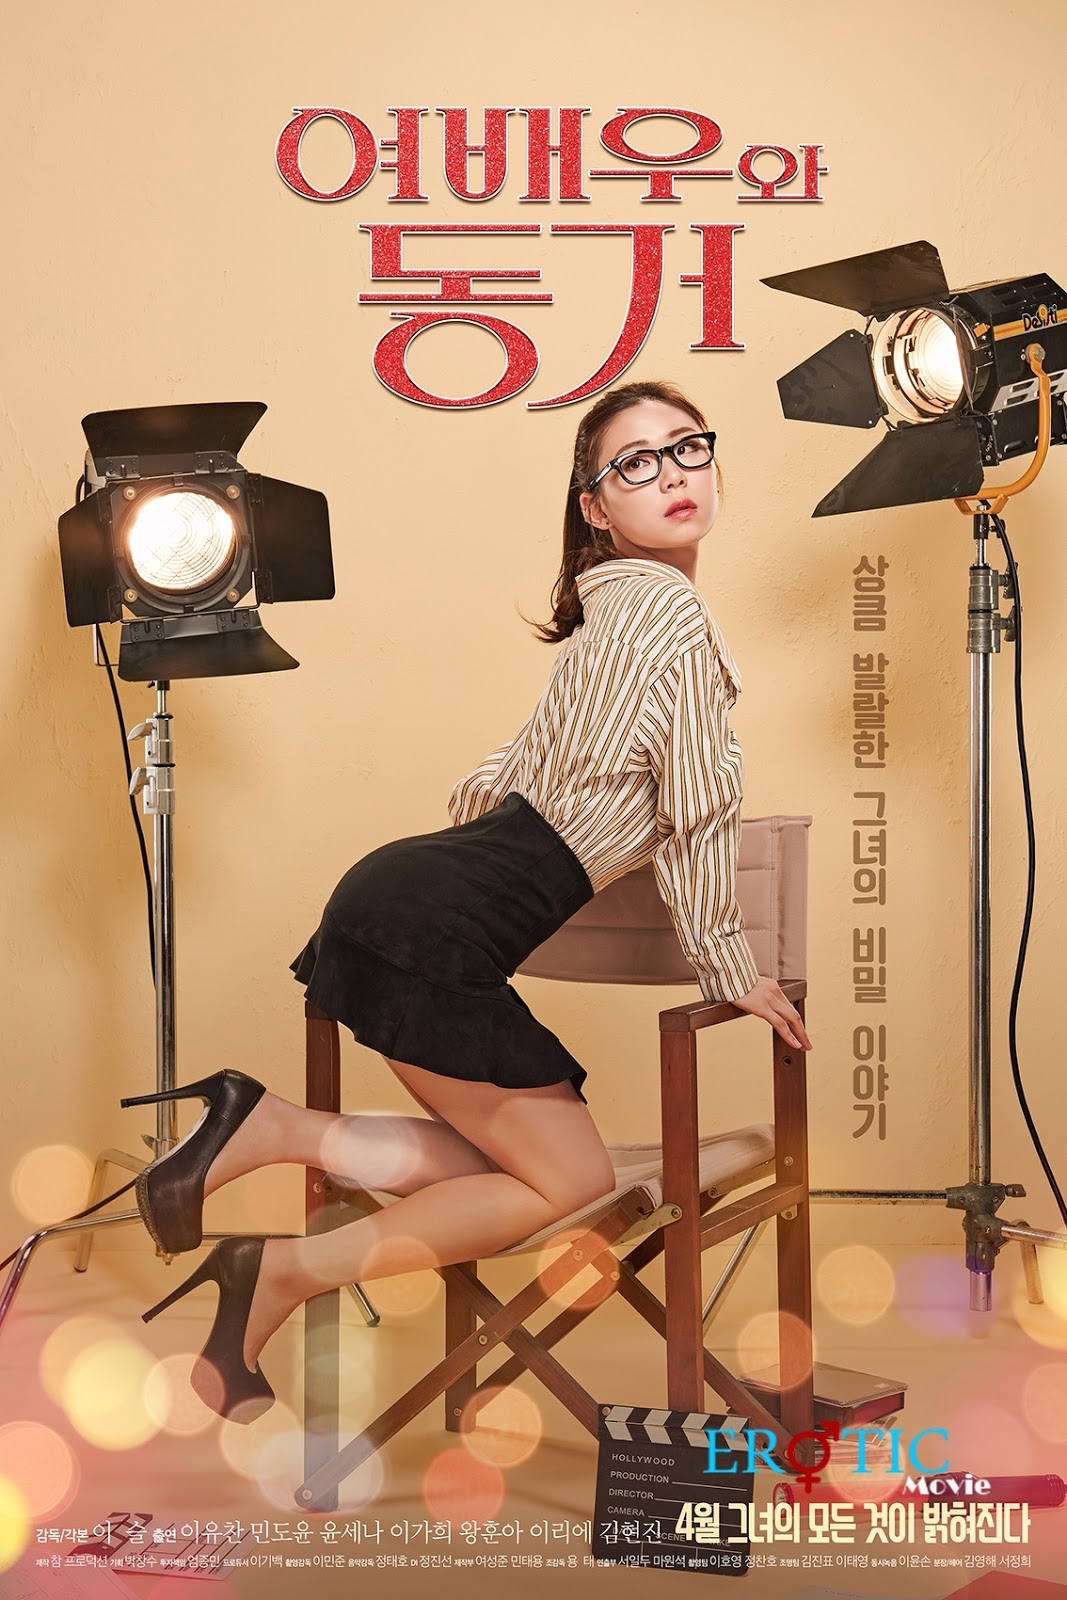 Live With An Actress (2017) [korea 18+]